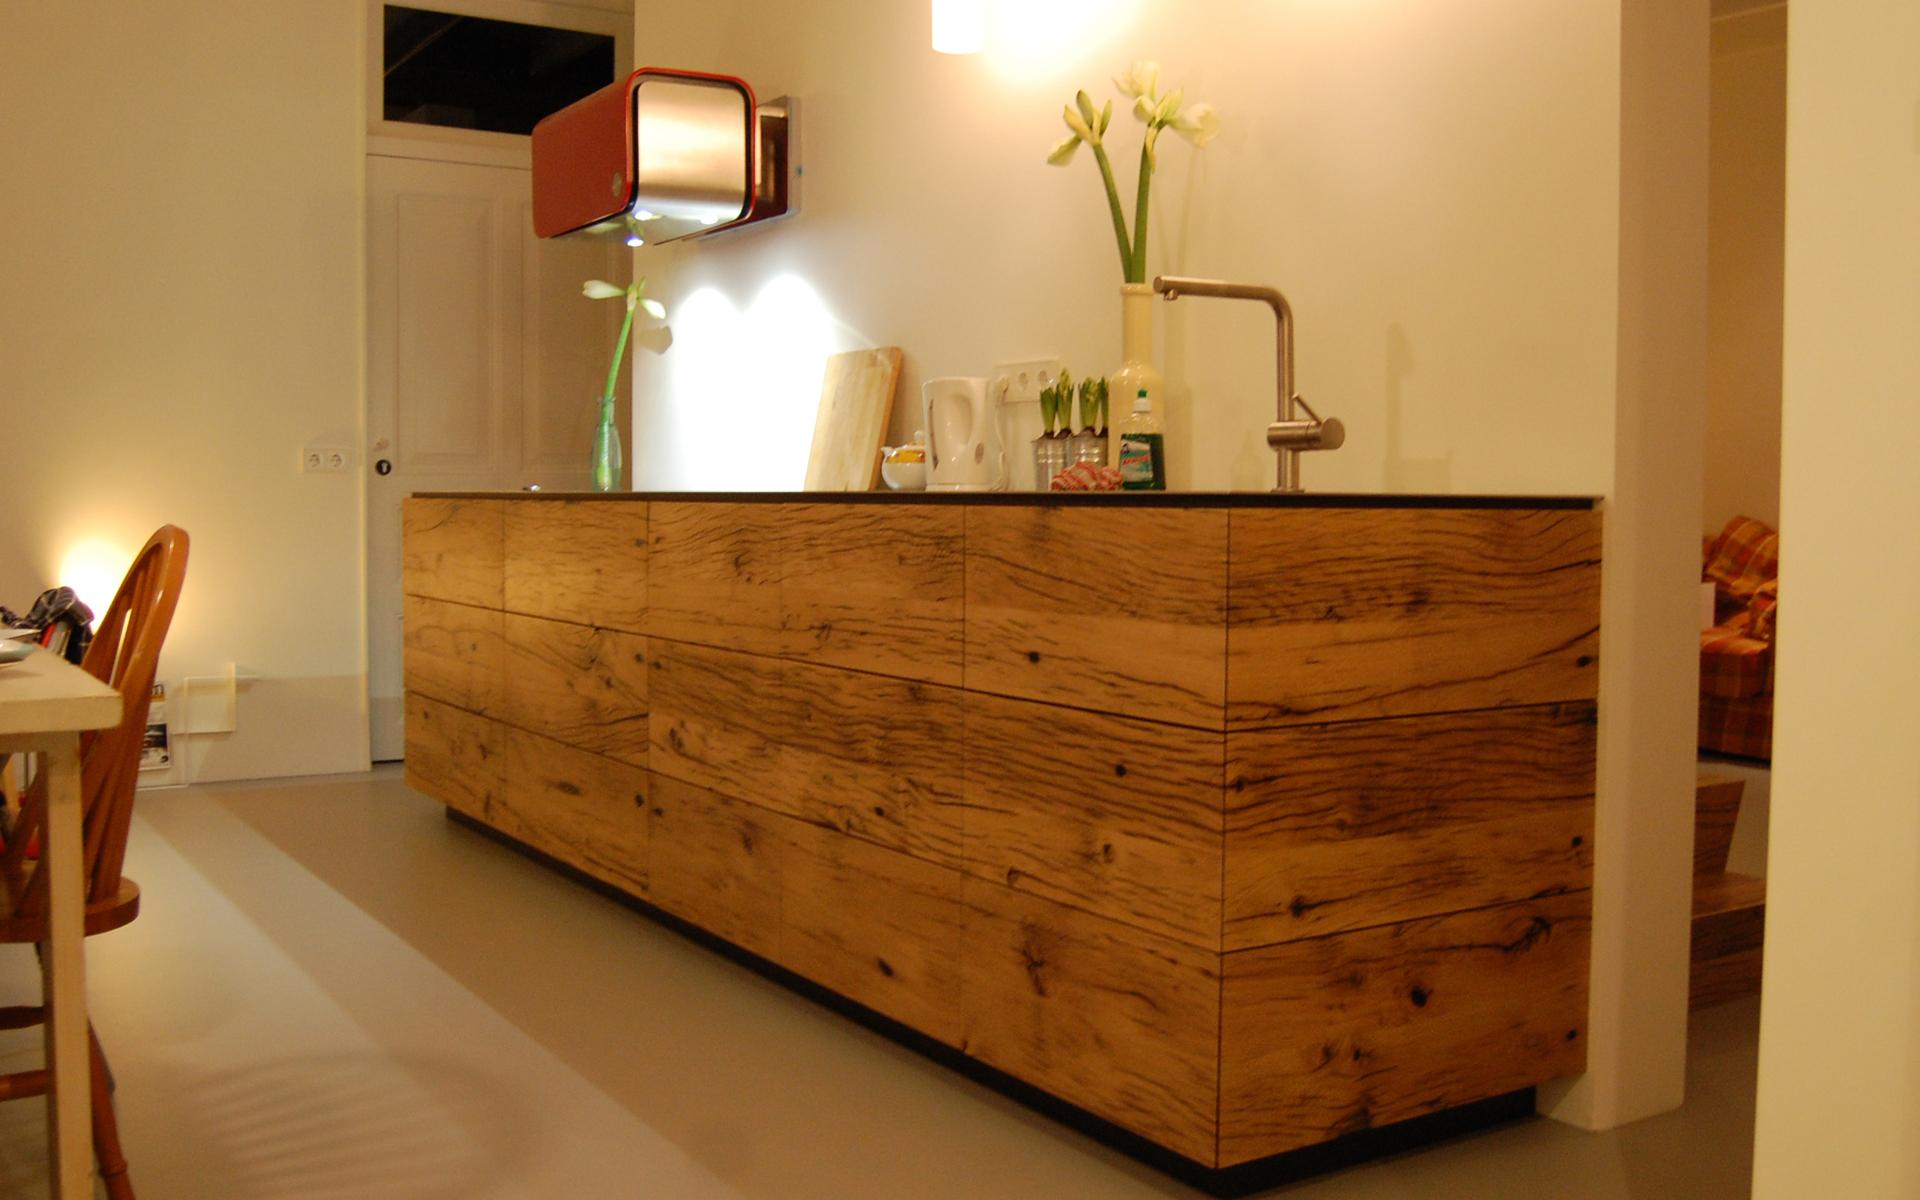 Ontworpen karakter een nieuw concept van studio sool studio sool meubels - Meubels studio keuken ...